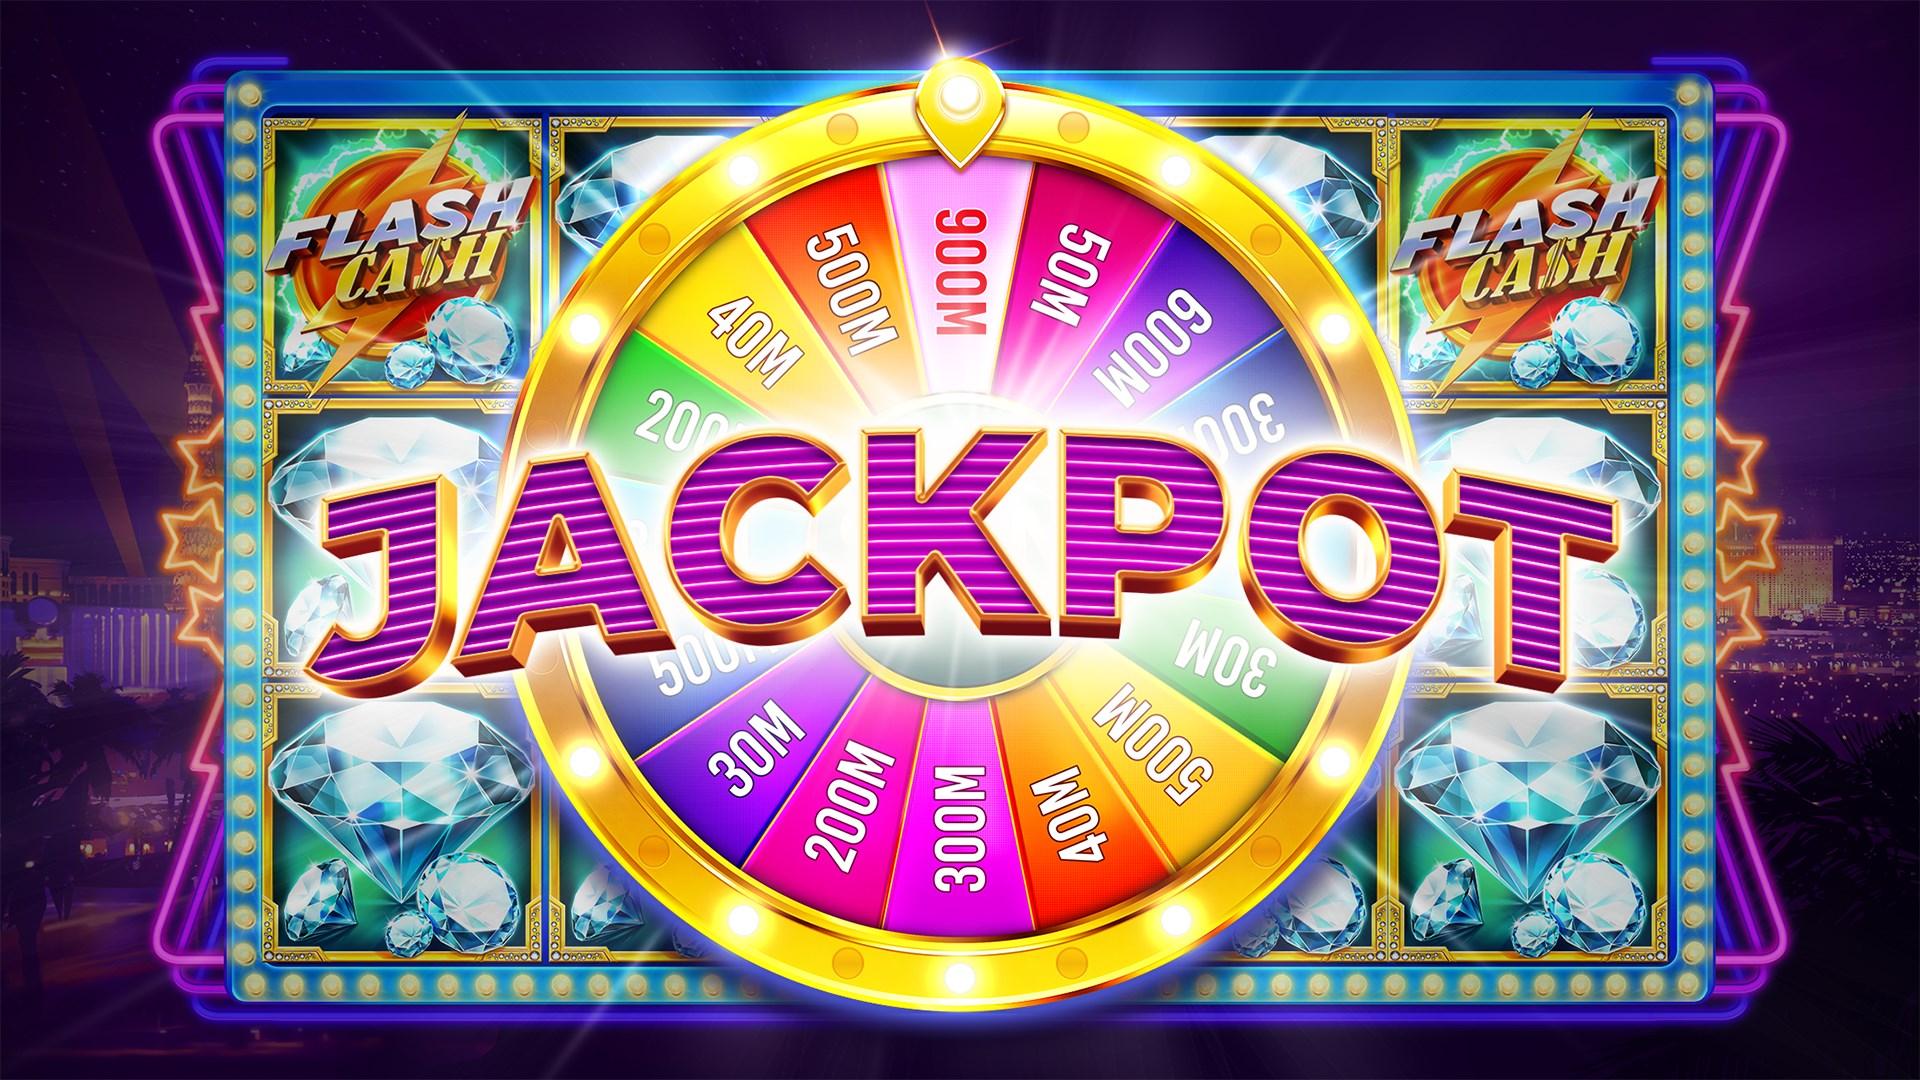 Keseruan Slot Online Tidak Bisa Ditandingi Permainan Lainnya